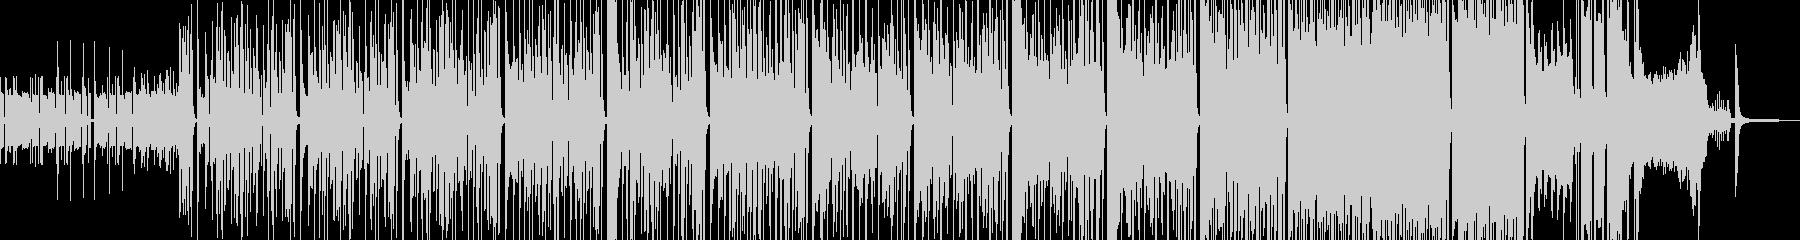 タイム制限クイズ・徐々に加速する構成の未再生の波形